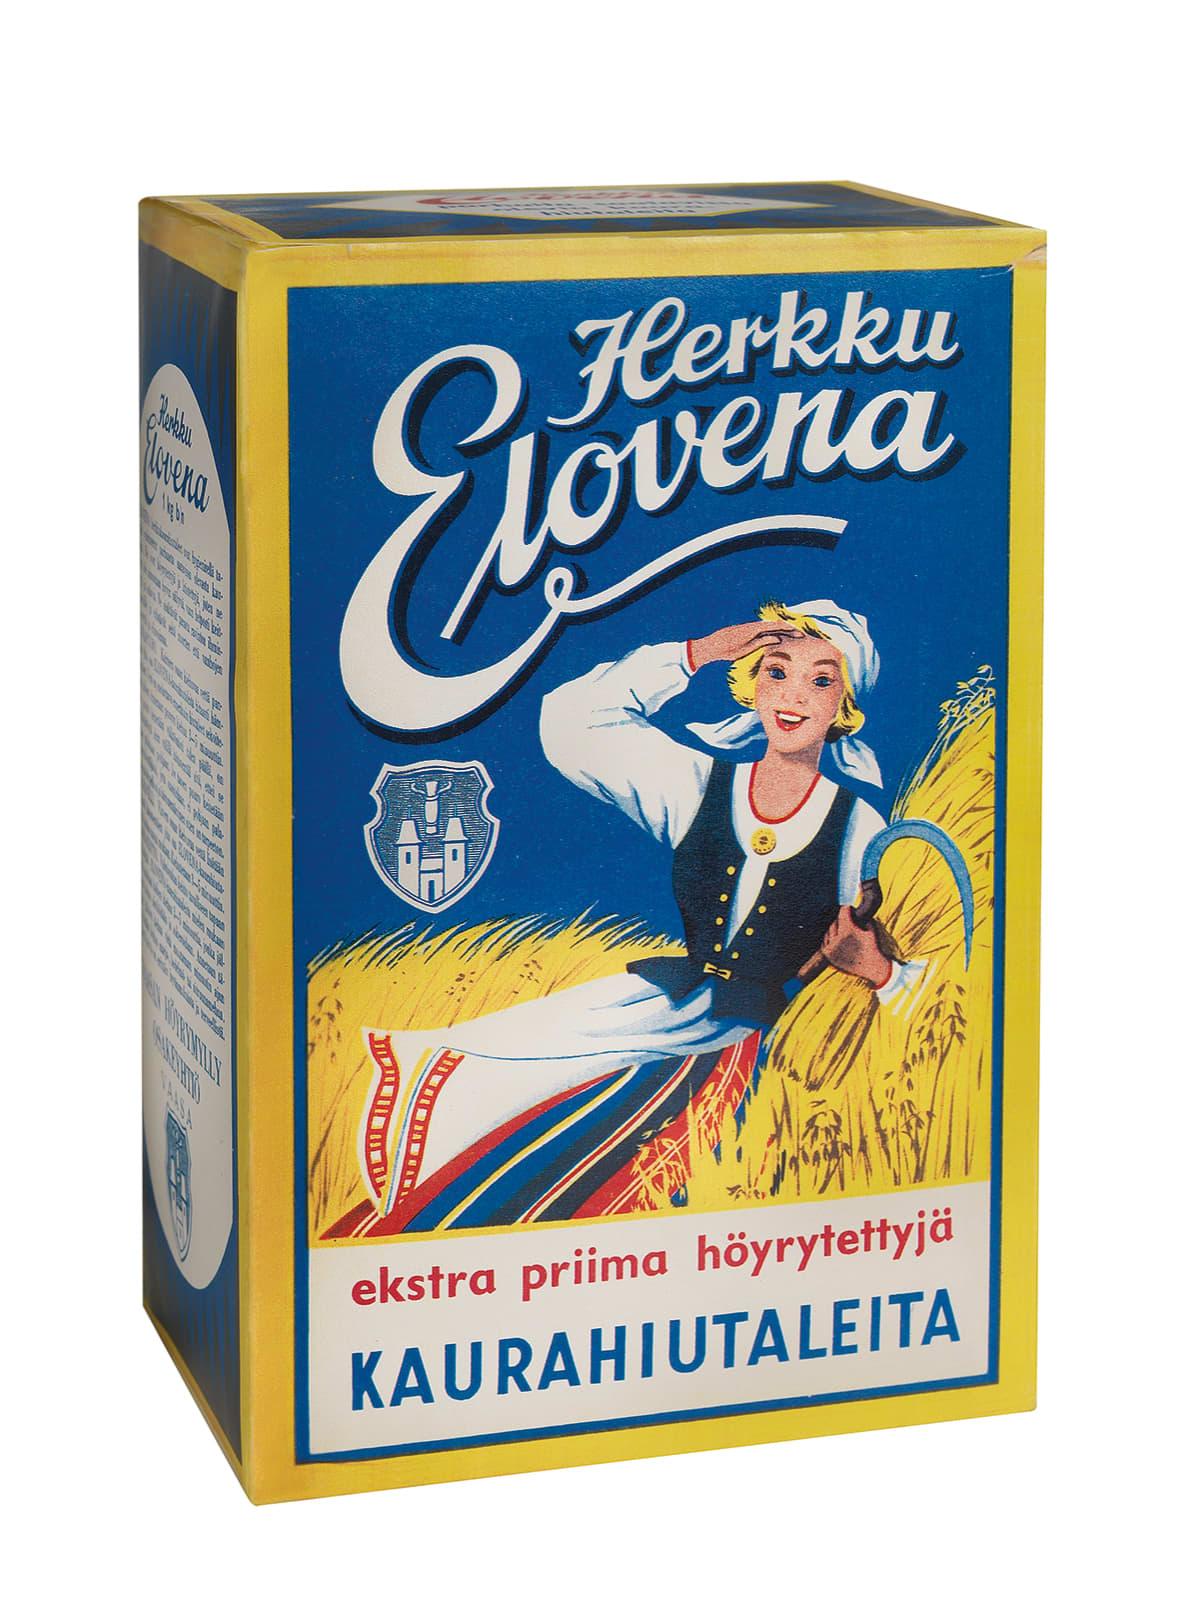 Herkku Elovena -kaurahiutalepaketti vuodelta 1958